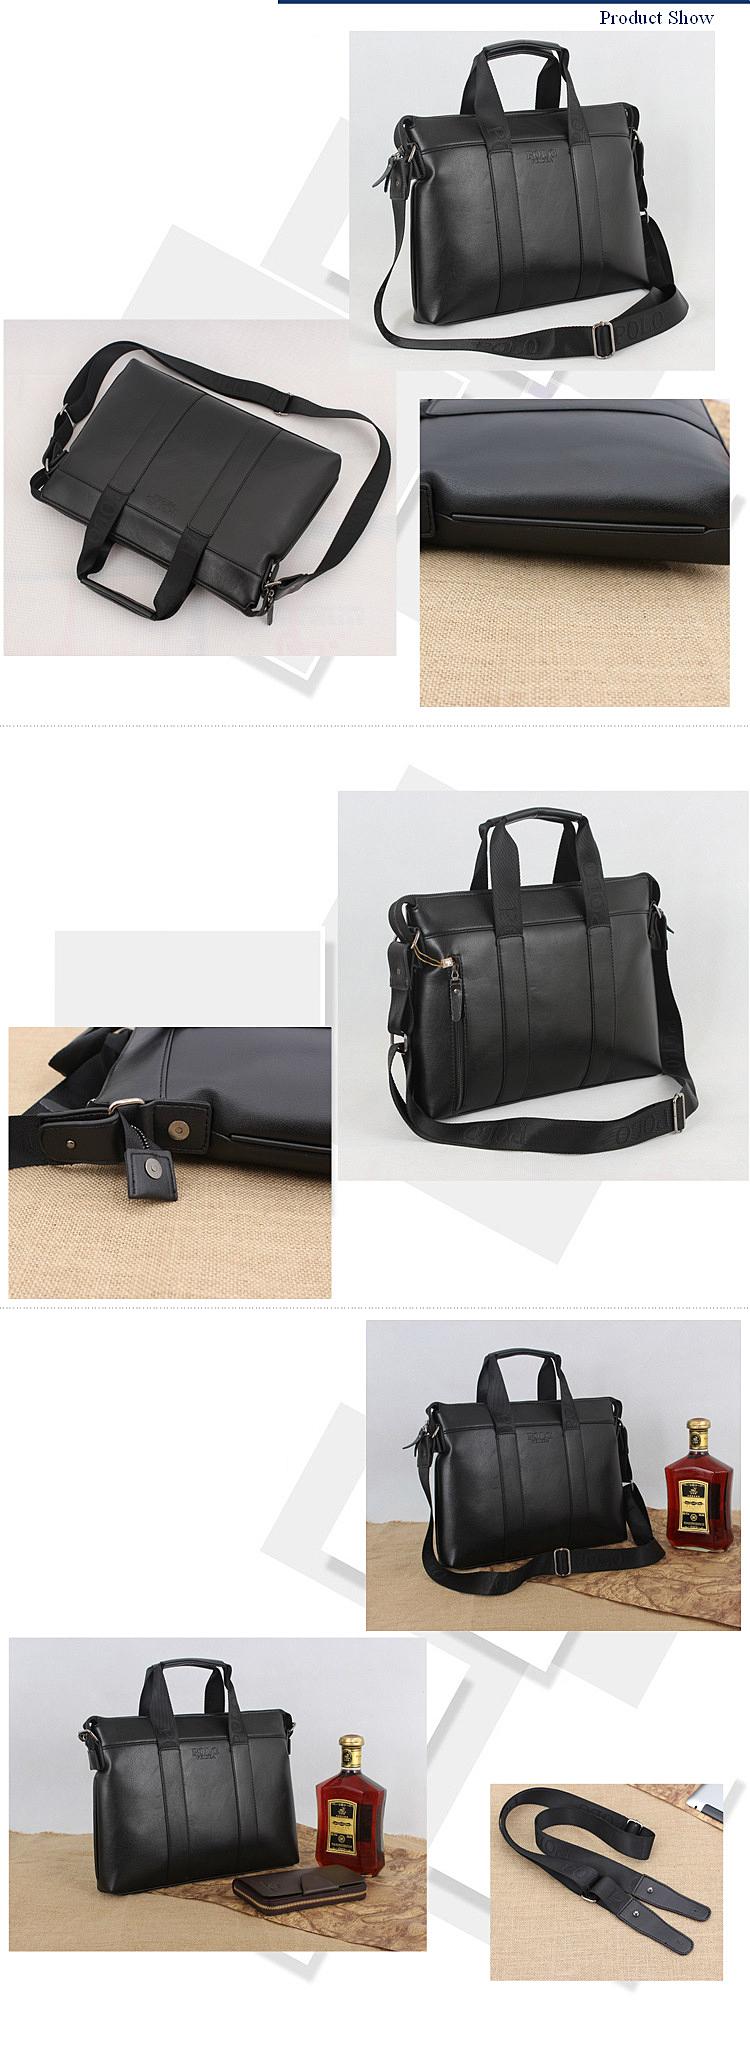 Túi xách đen tx83 - 1